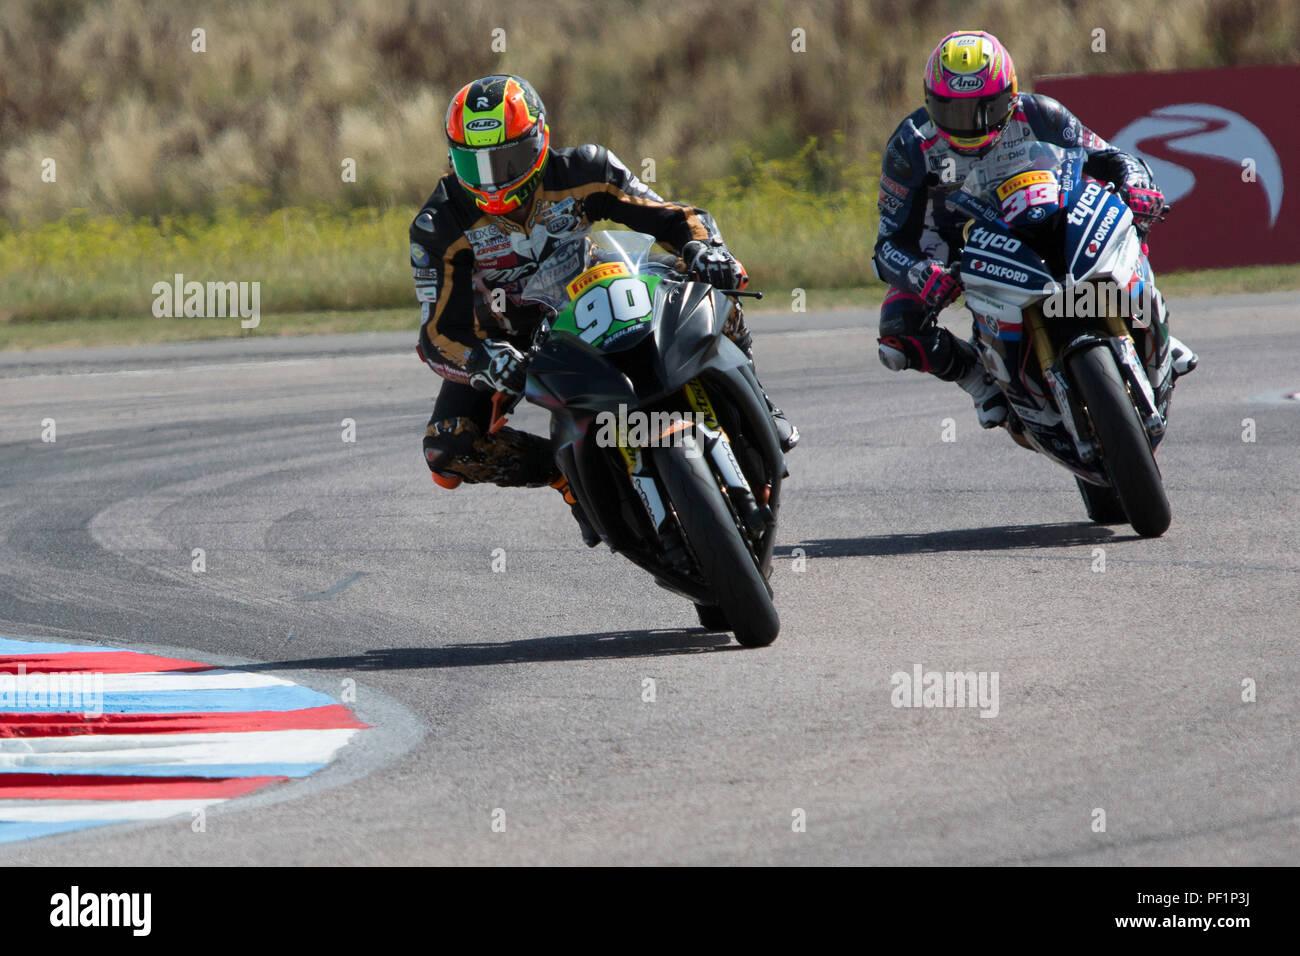 Tyco Bmw Stock Photos & Tyco Bmw Stock Images - Alamy